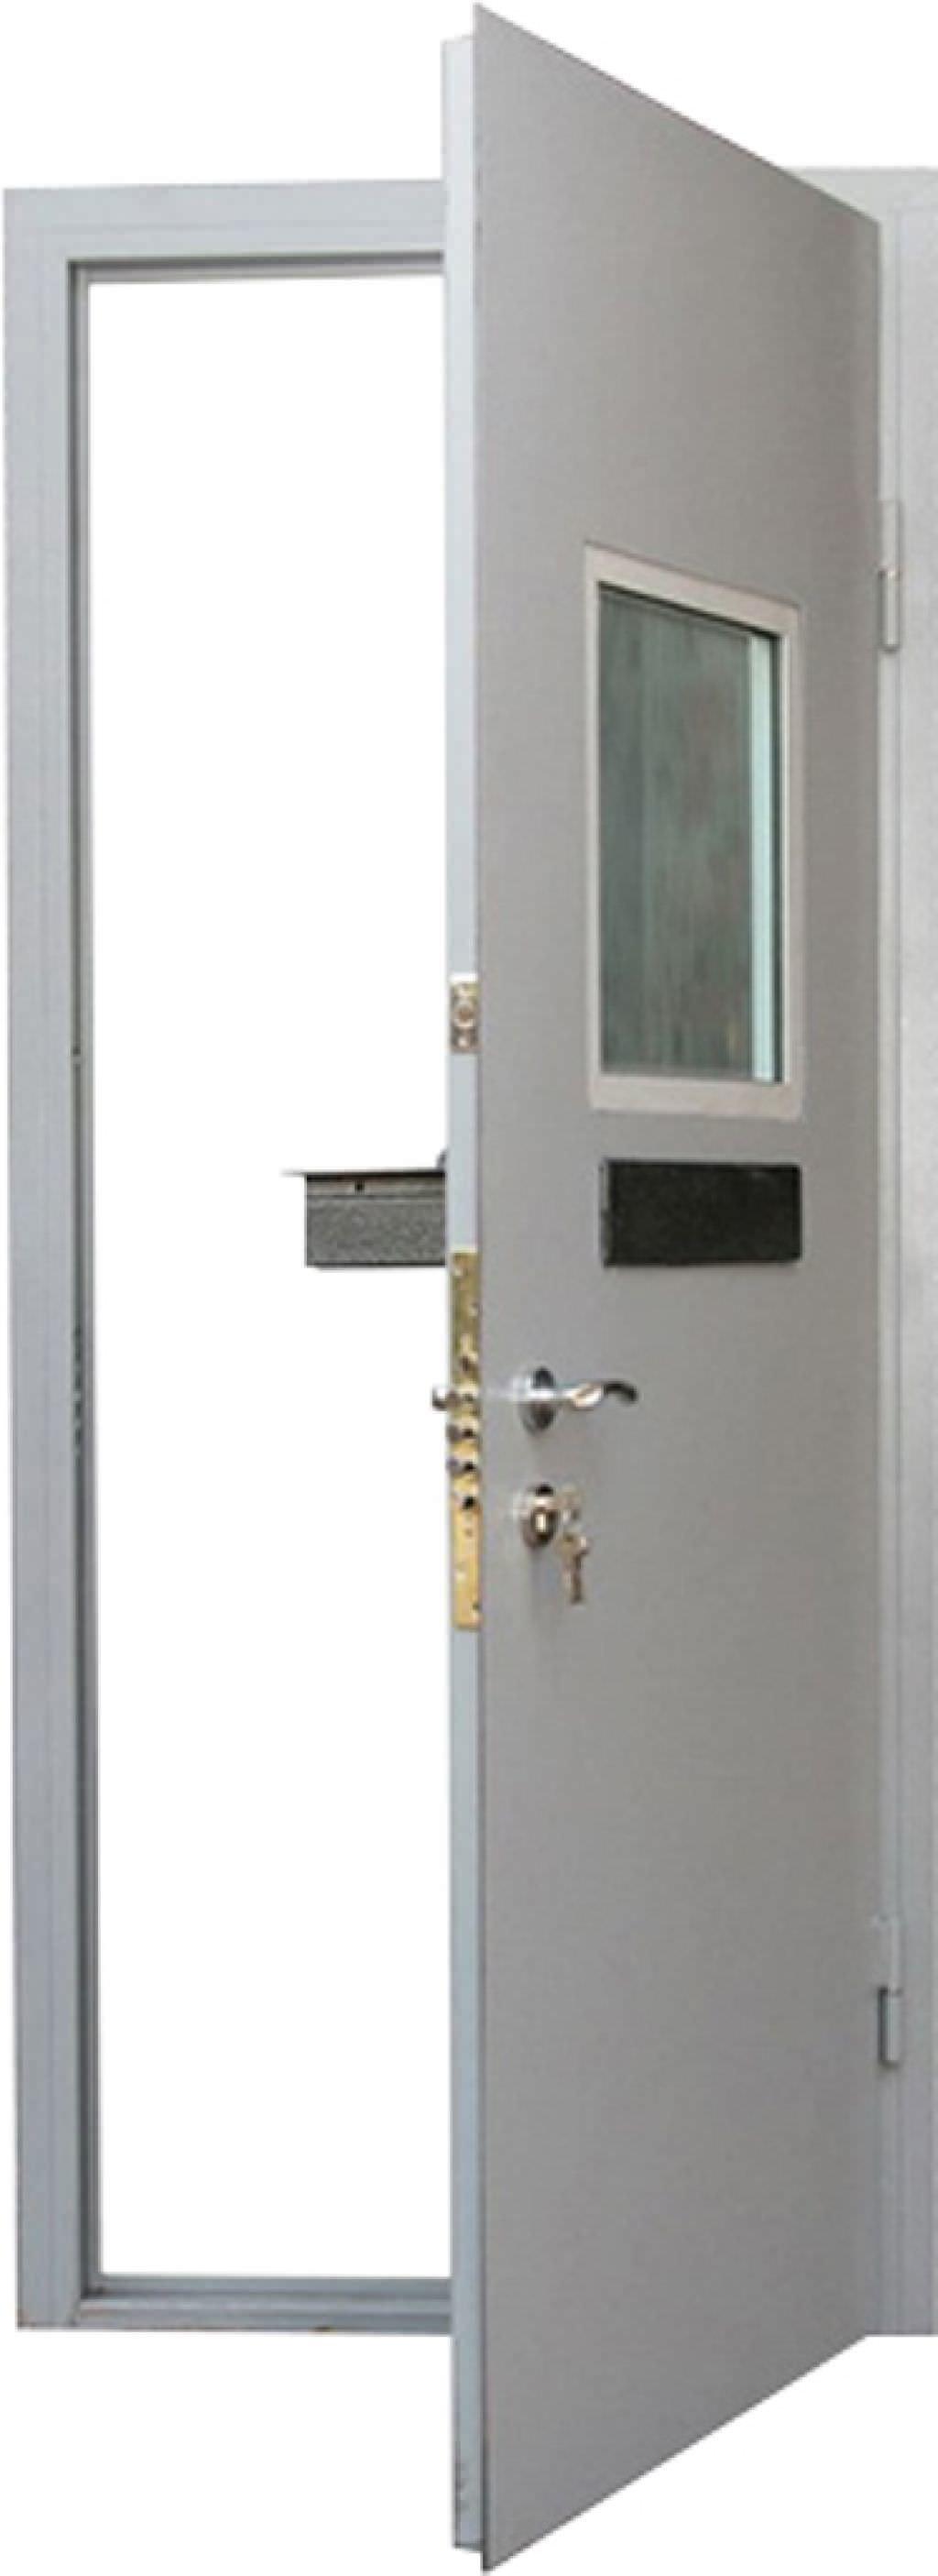 двери металлические с окошком